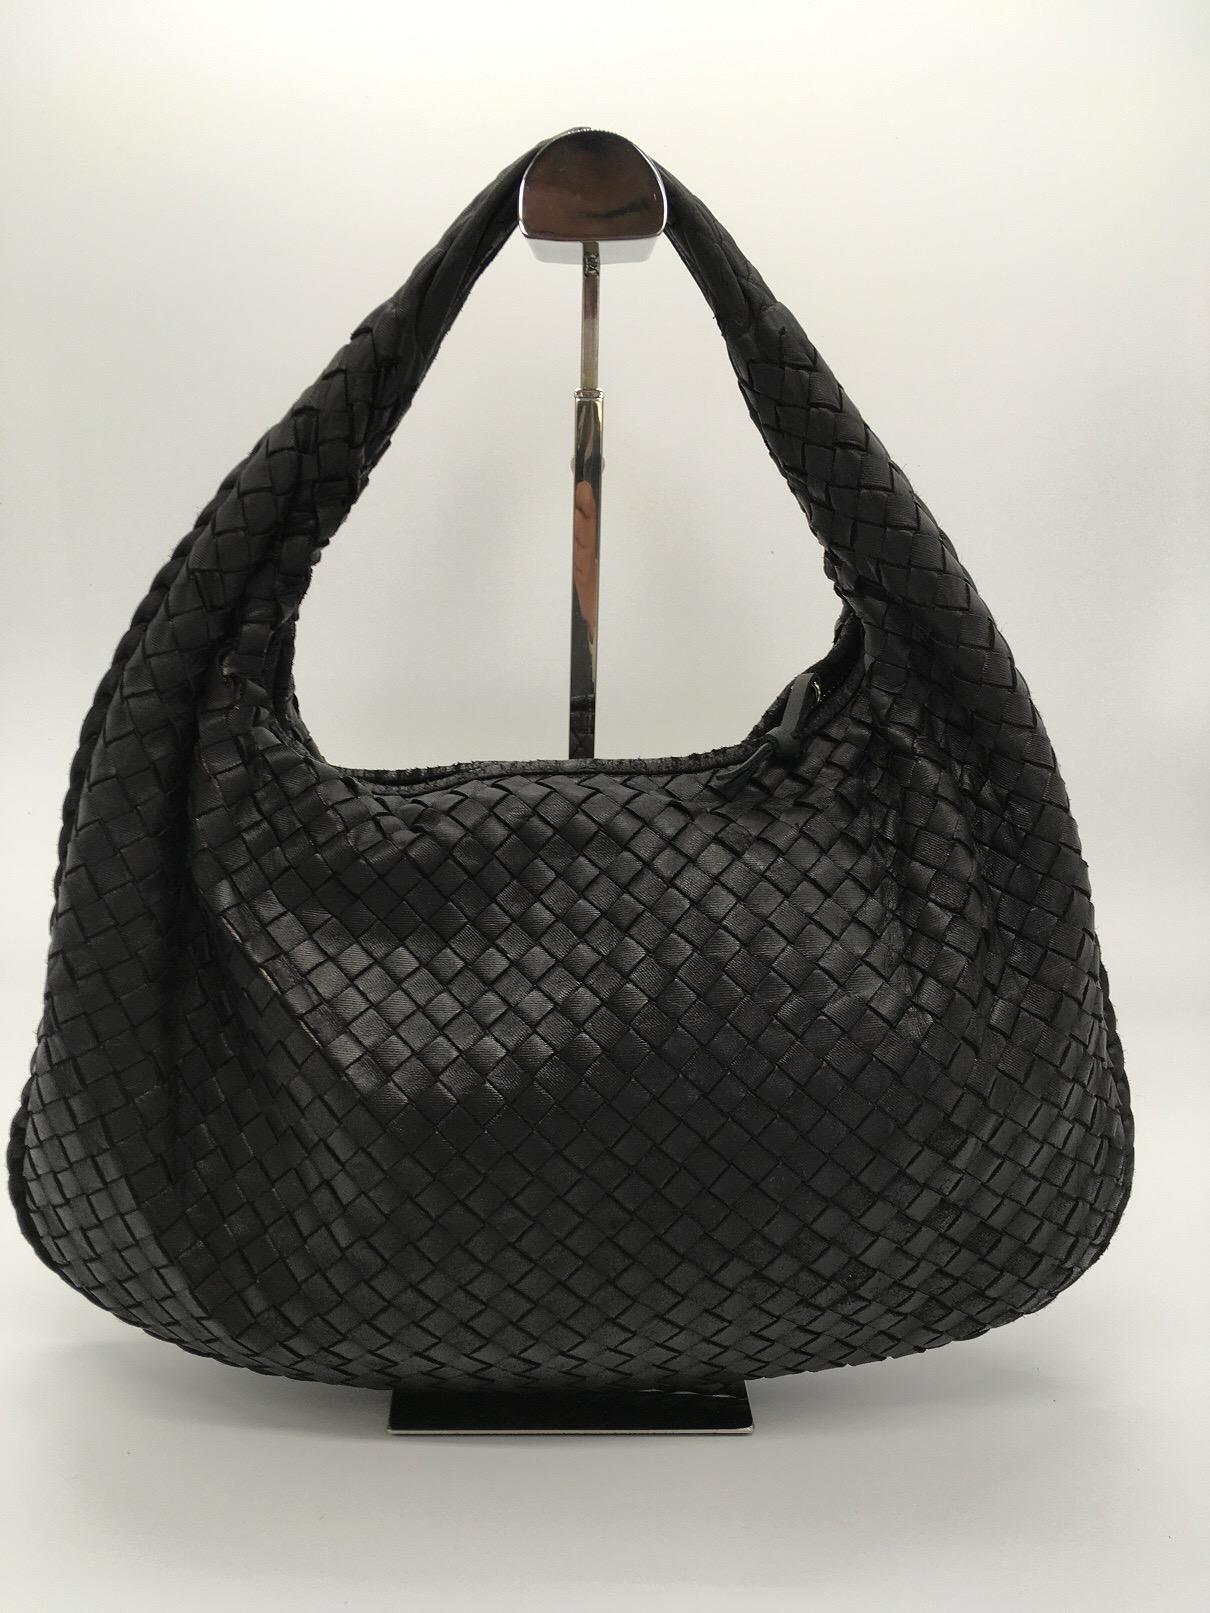 ブランドリペア転売 ボッテガヴェネタのバッグ 仕入れ1万円超えでも2.5倍以上で販売!